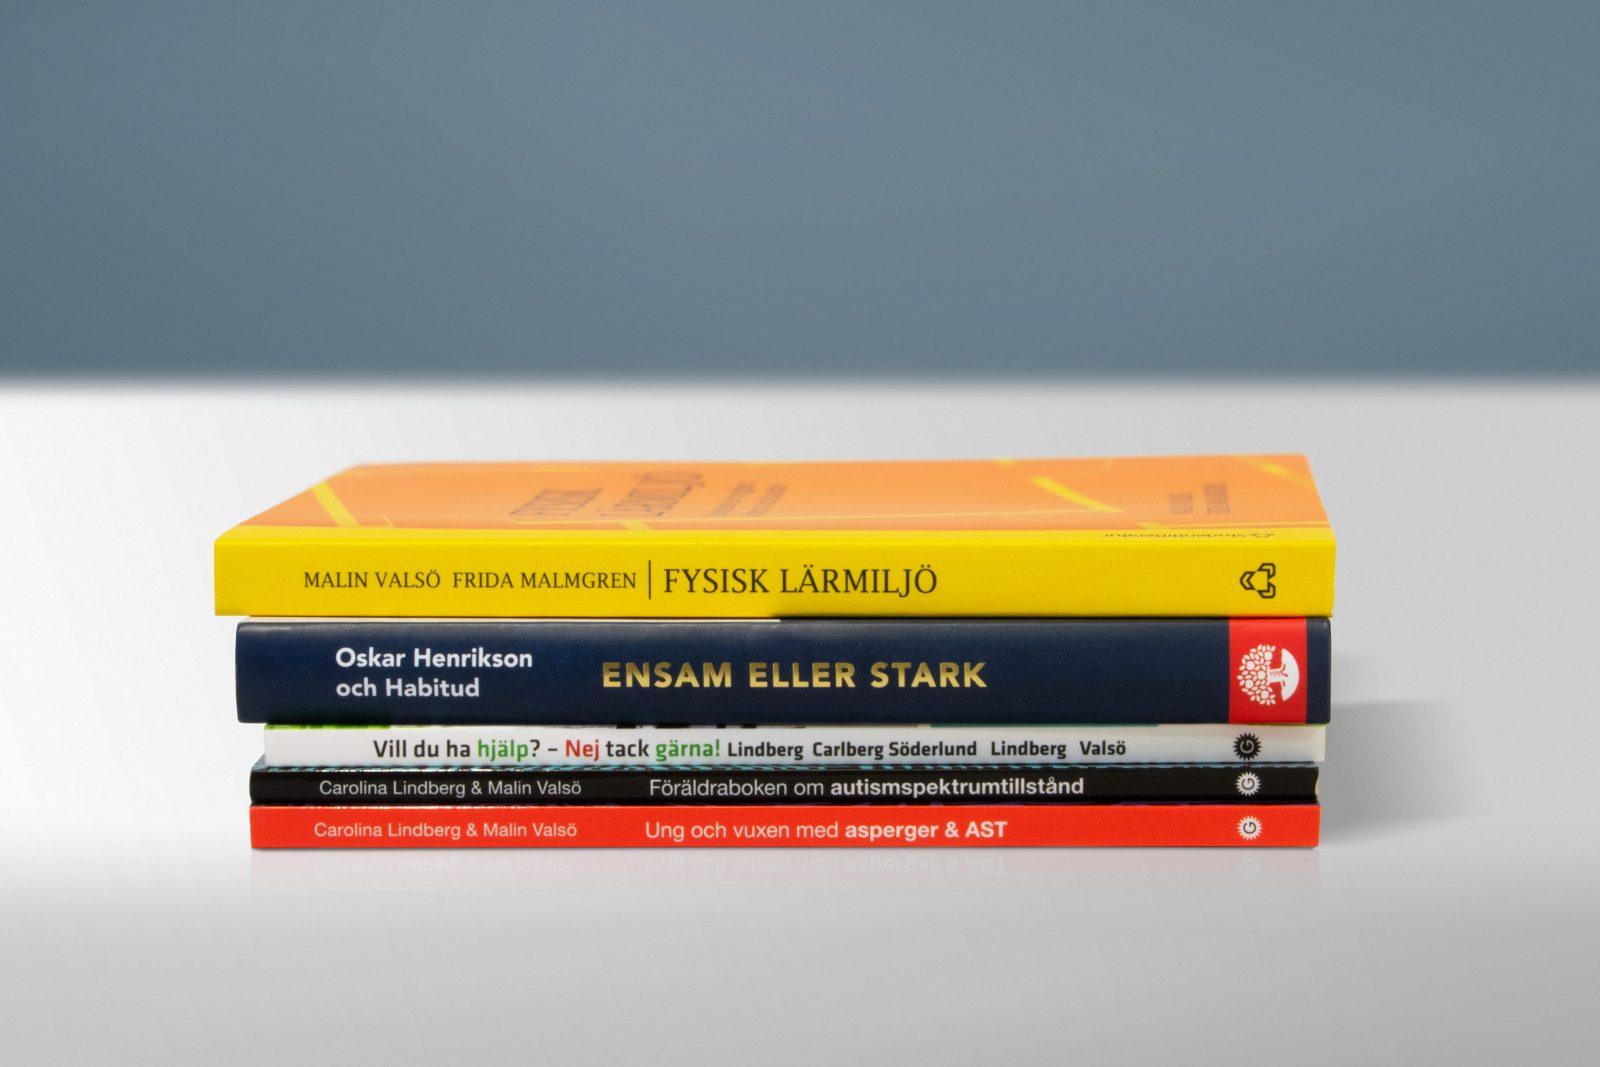 En traver böcker, skrivna av Malin Valsö, ligger på ett bord